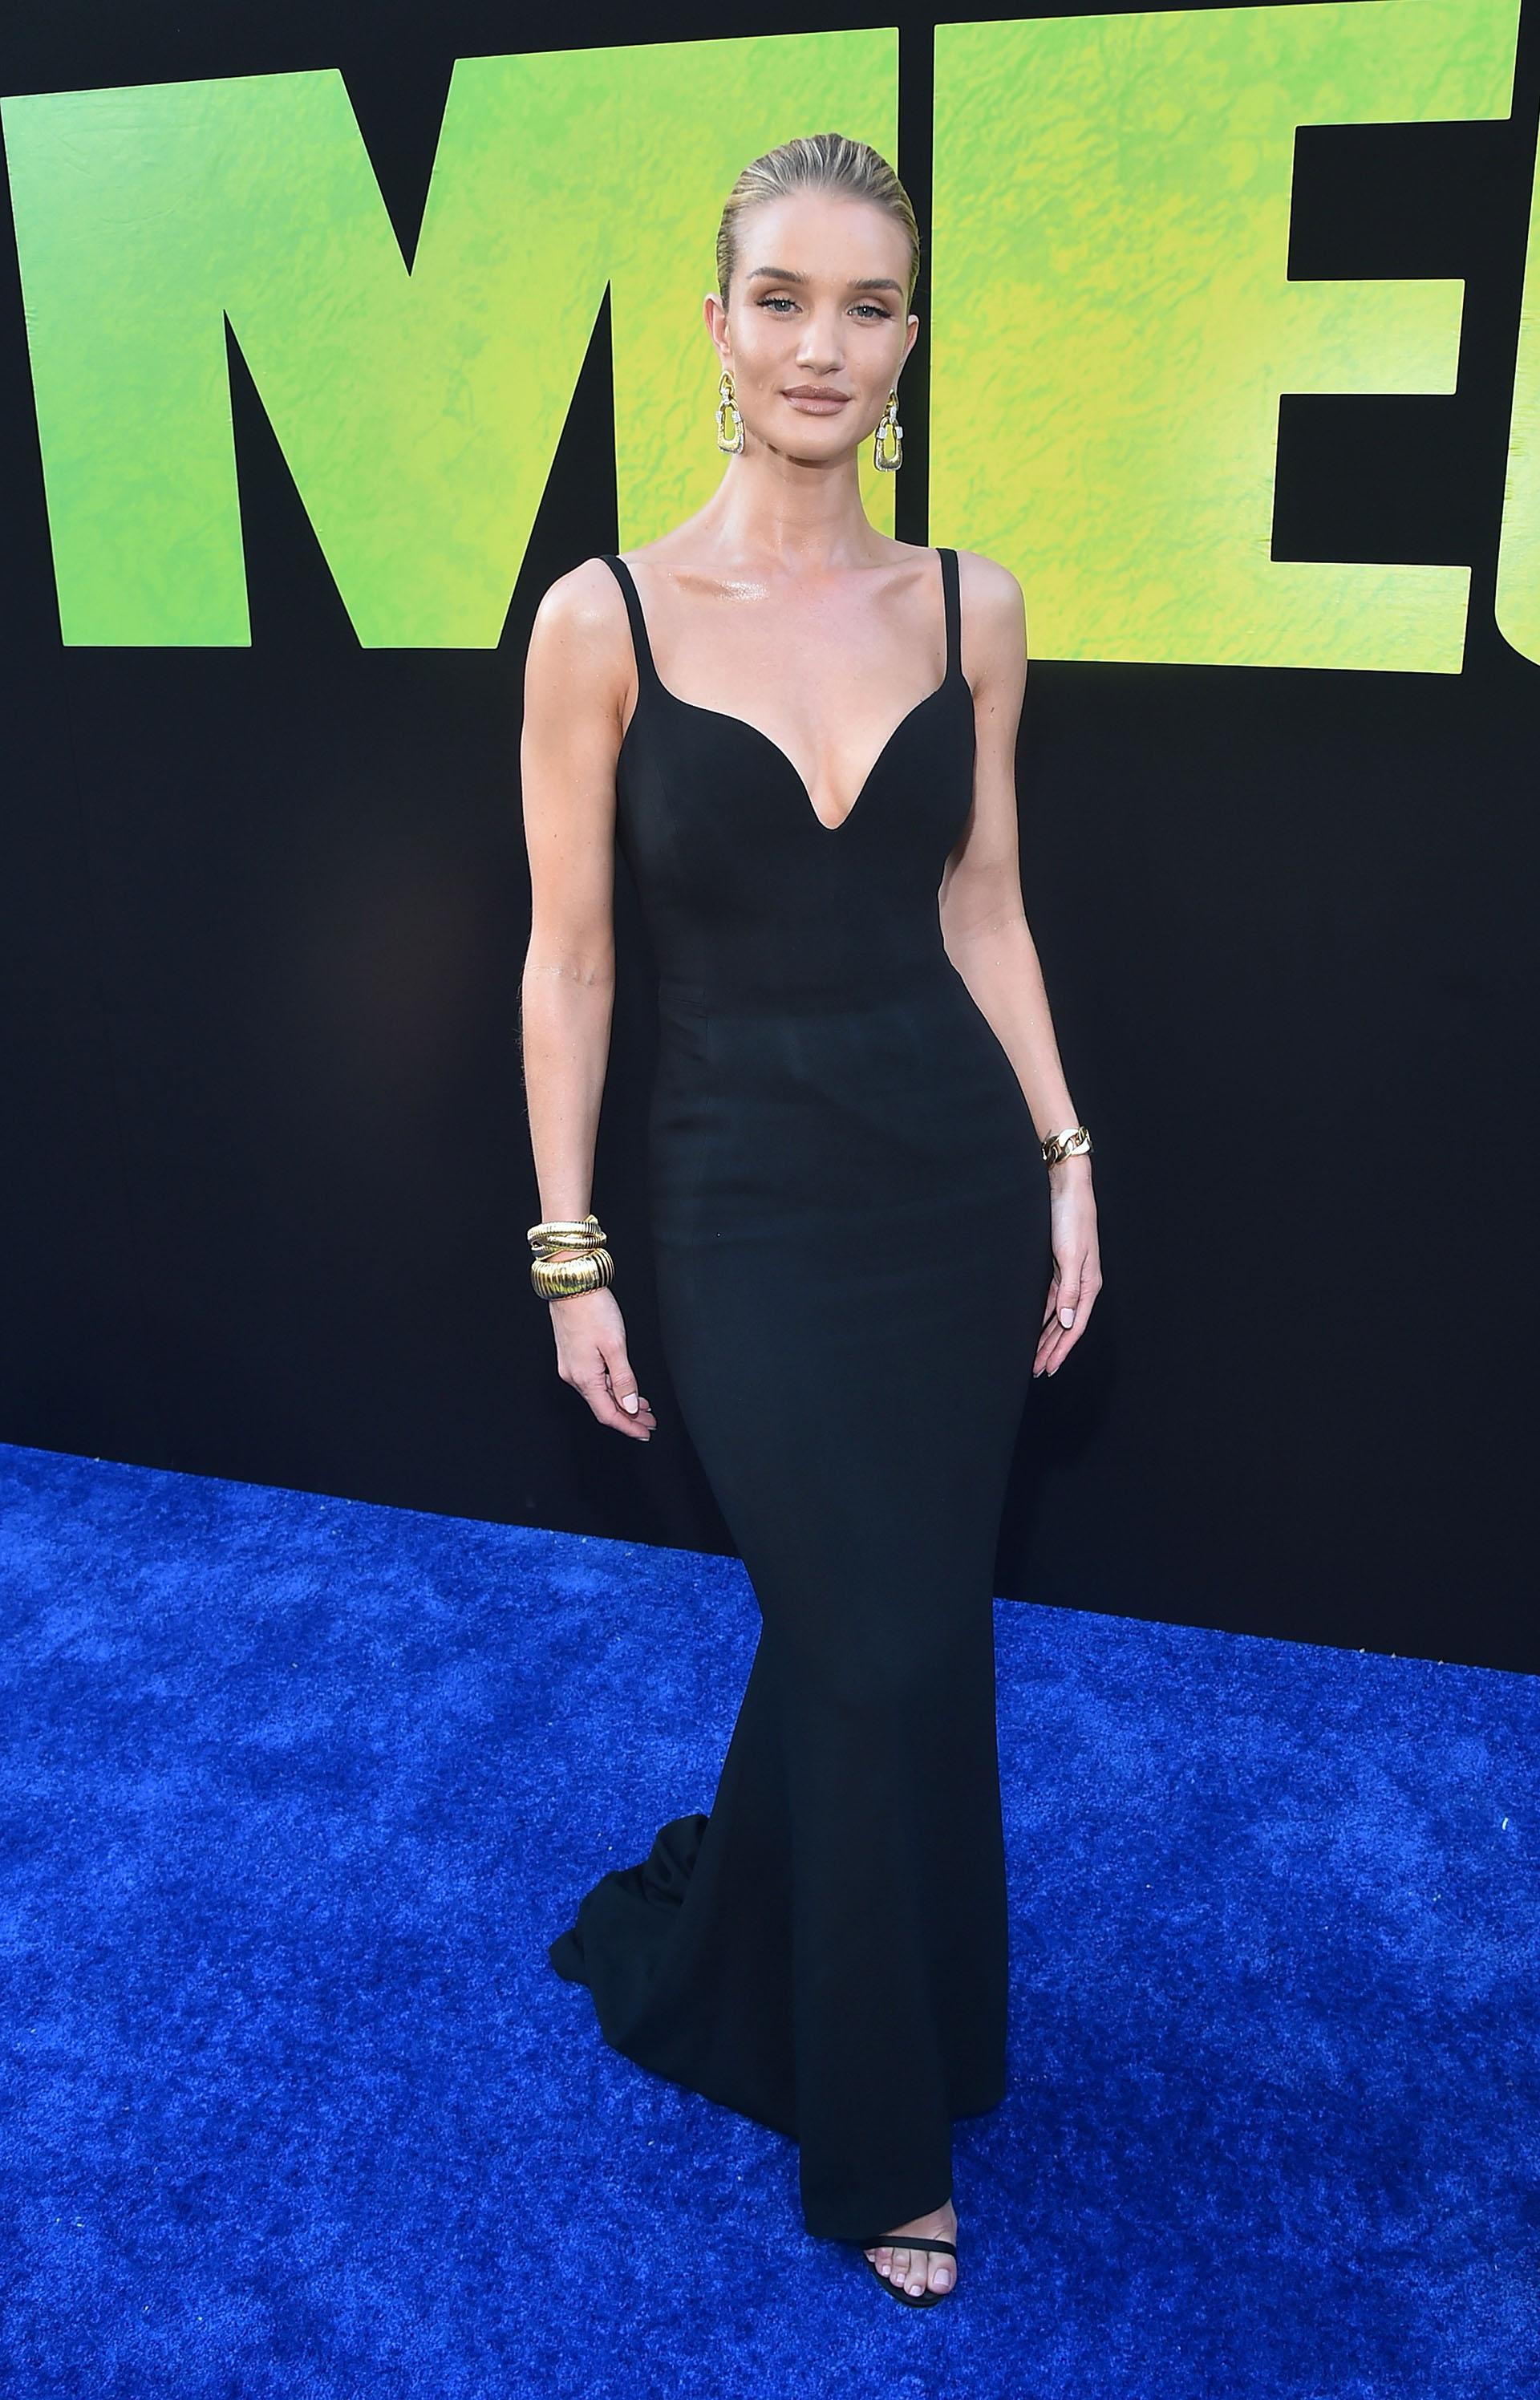 Rosie Huntington-Whiteley vistió un diseño negro con cola y amplio escote